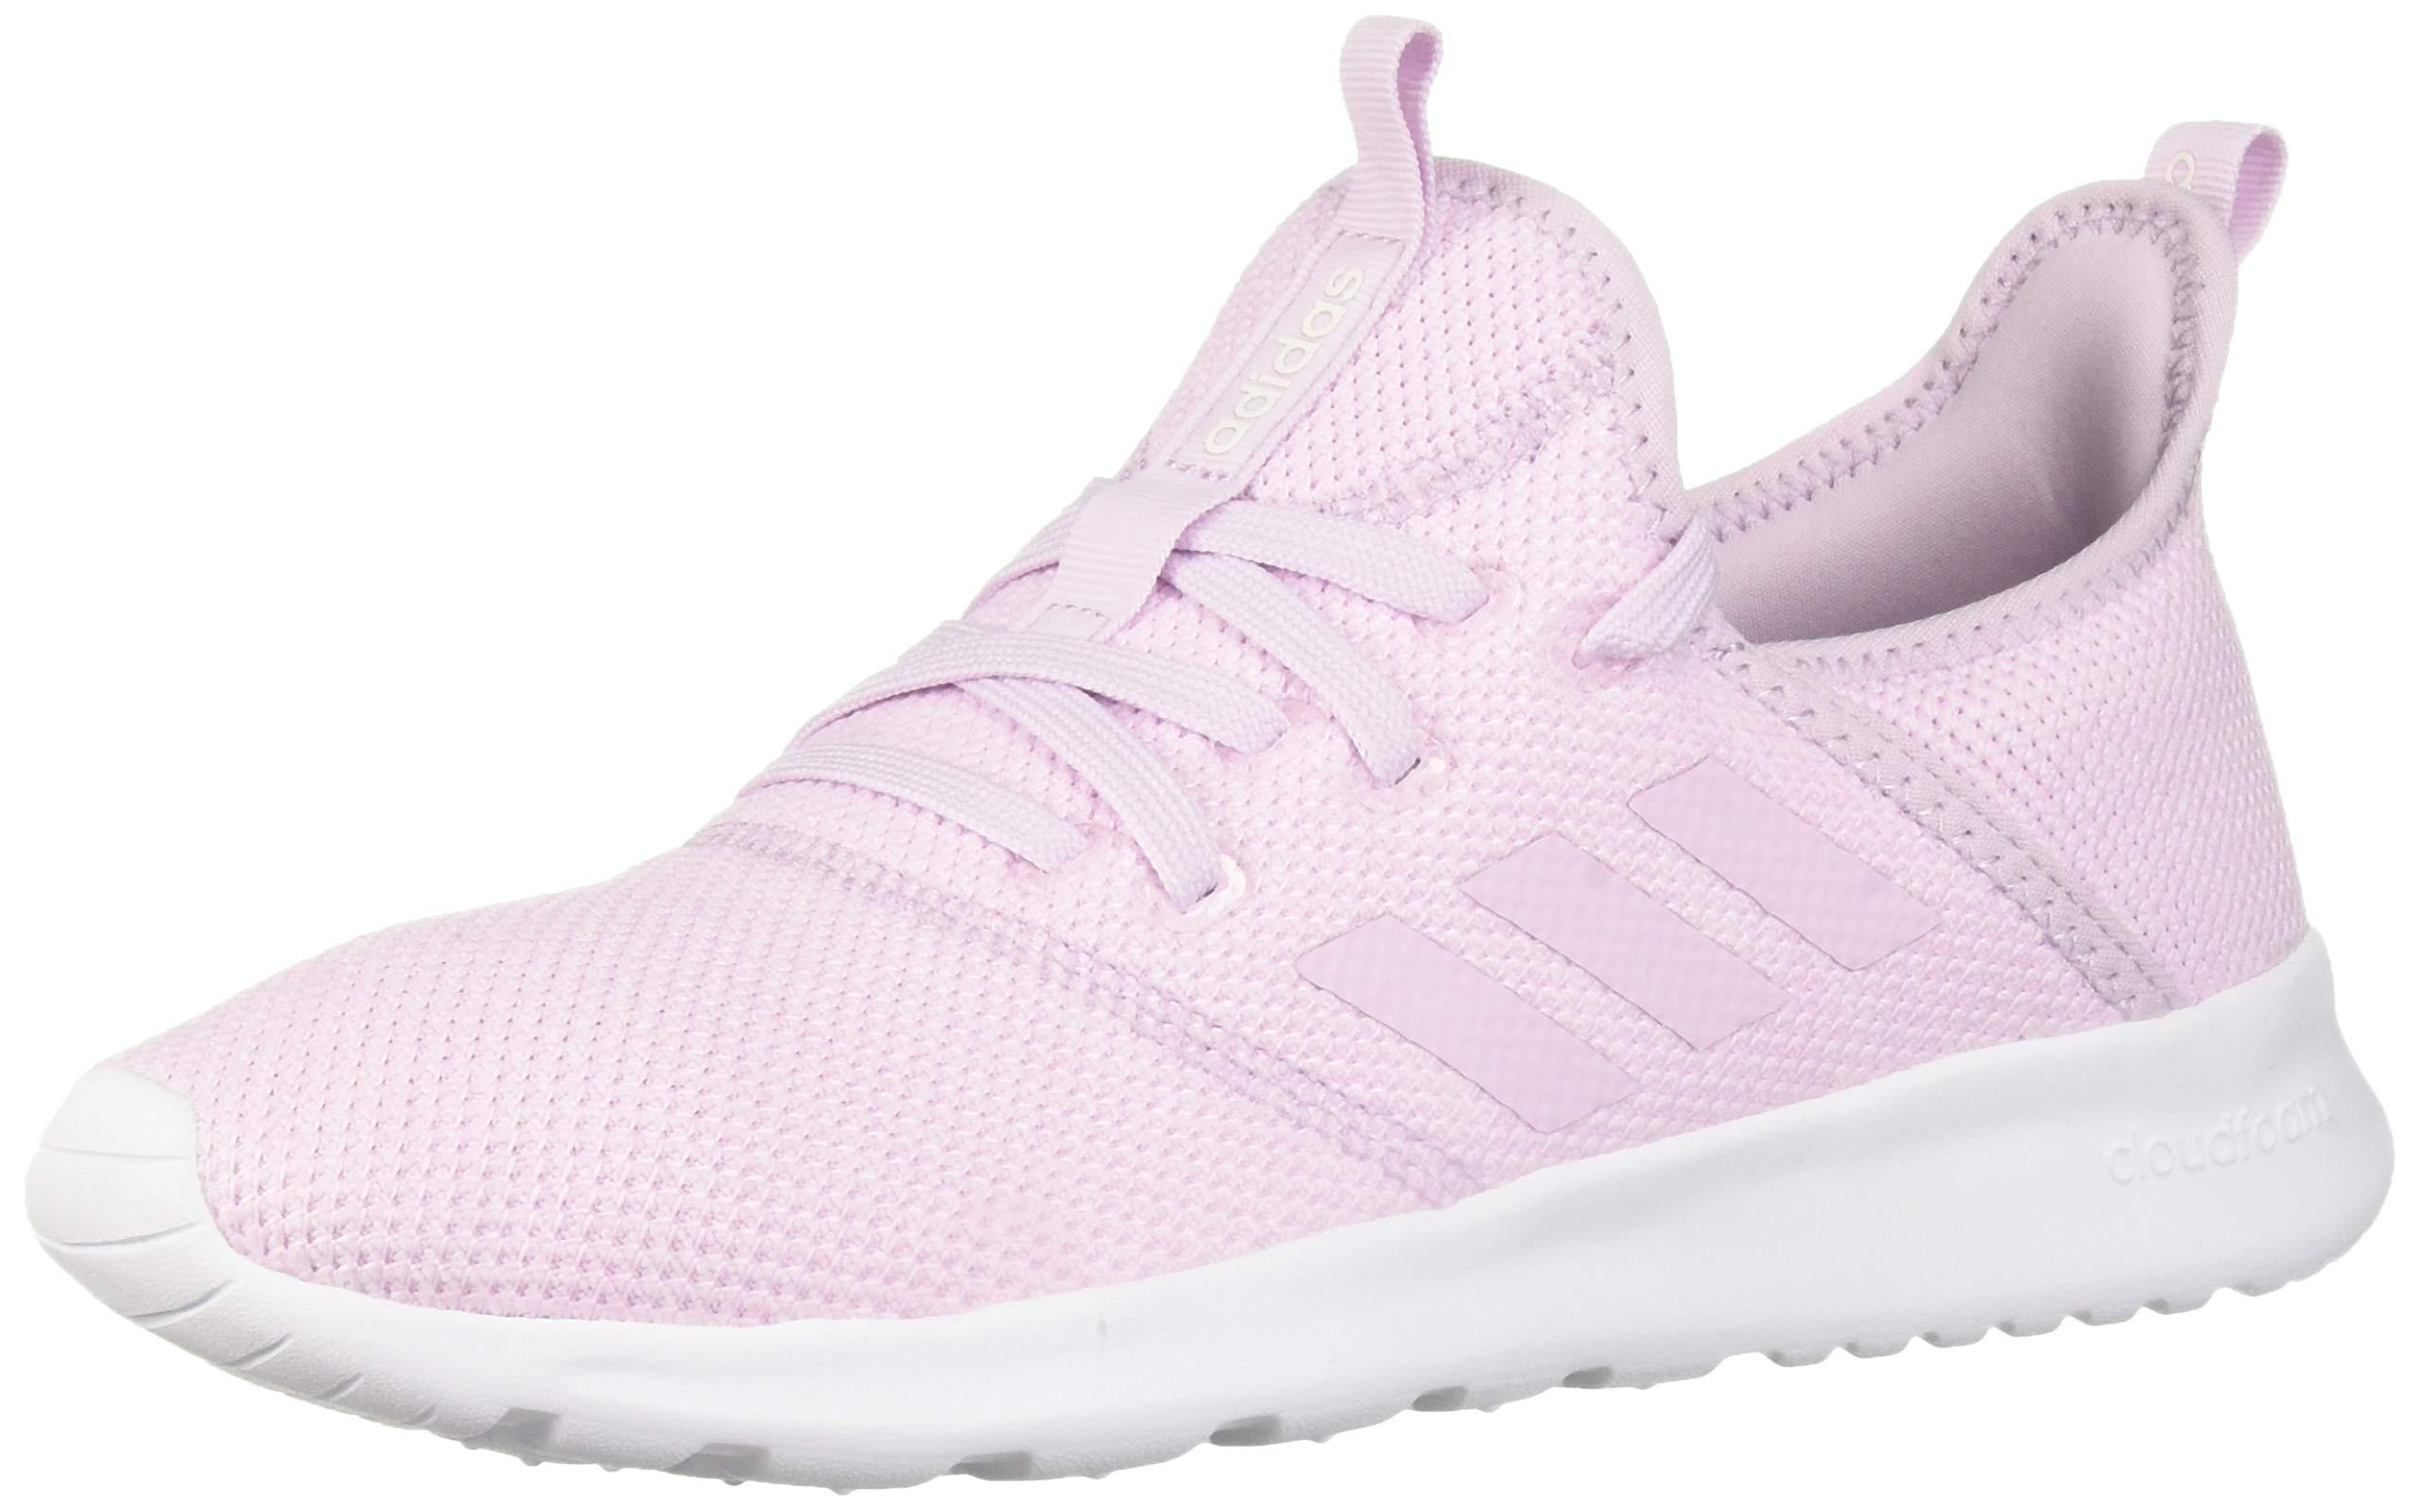 adidas Women's Cloudfoam Pure, aero Pink/White, 5 M US